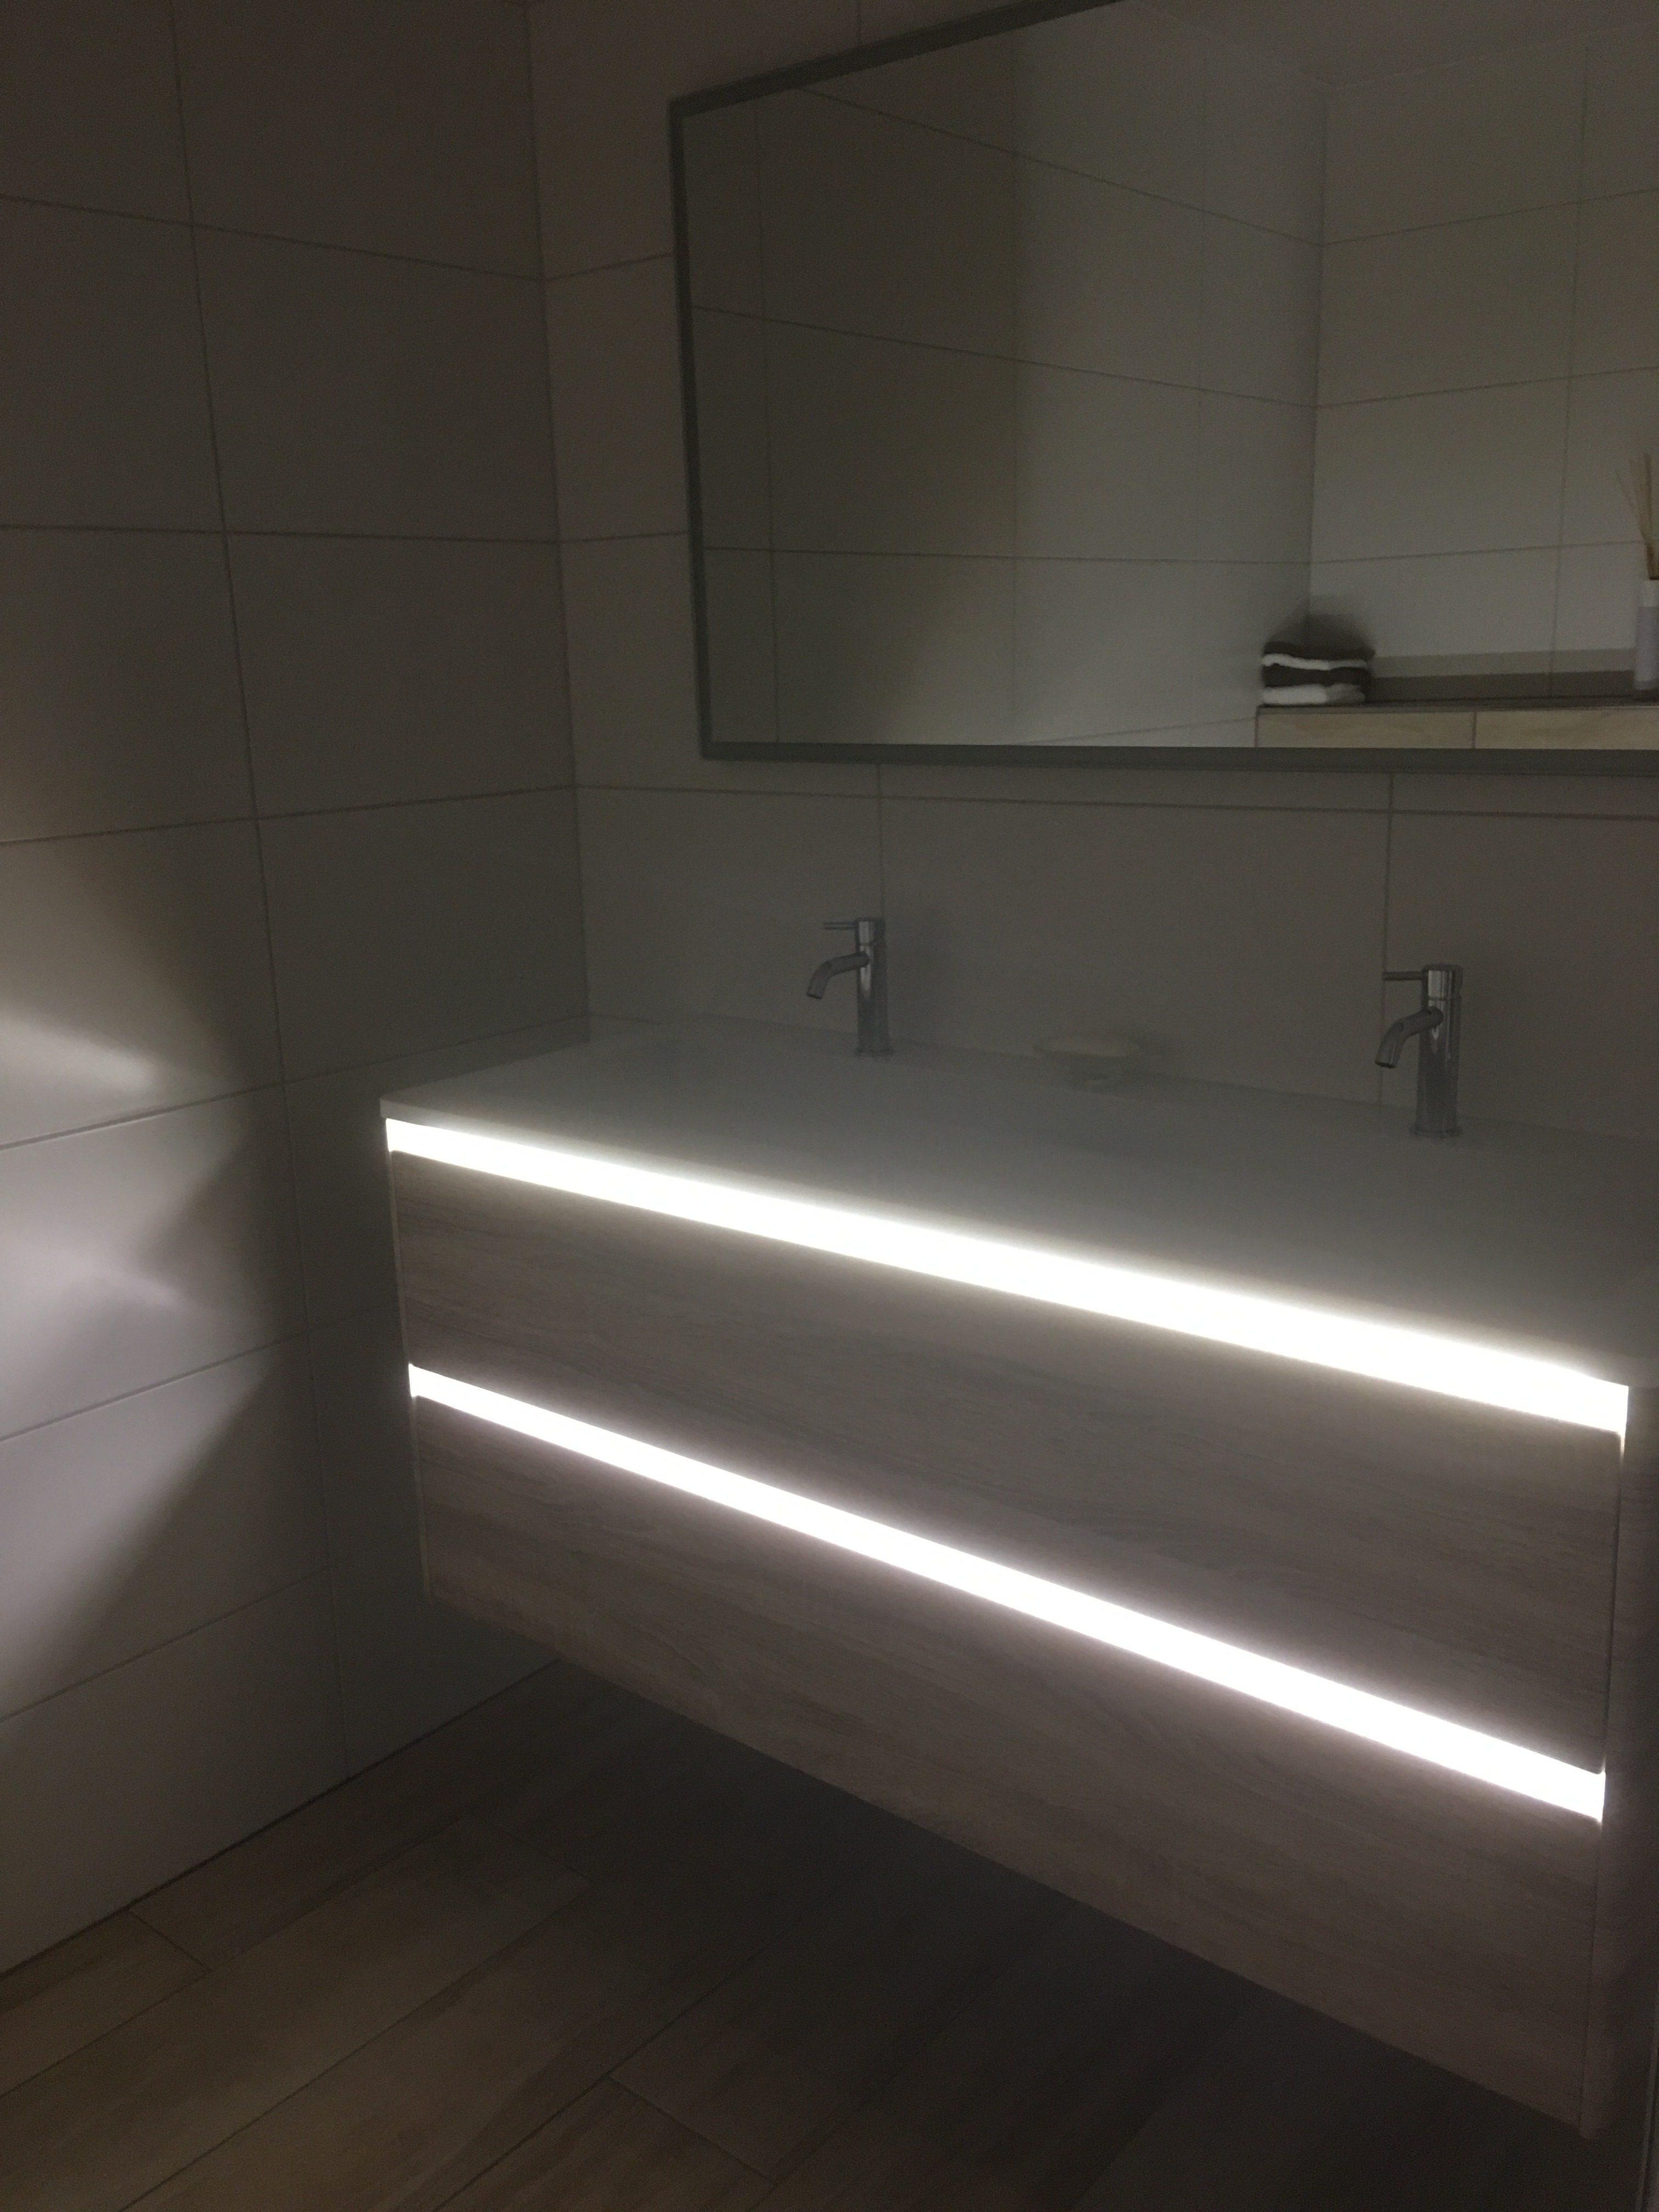 Badkamer Nieuwegein - Wiesenekker Badkamerconcepten